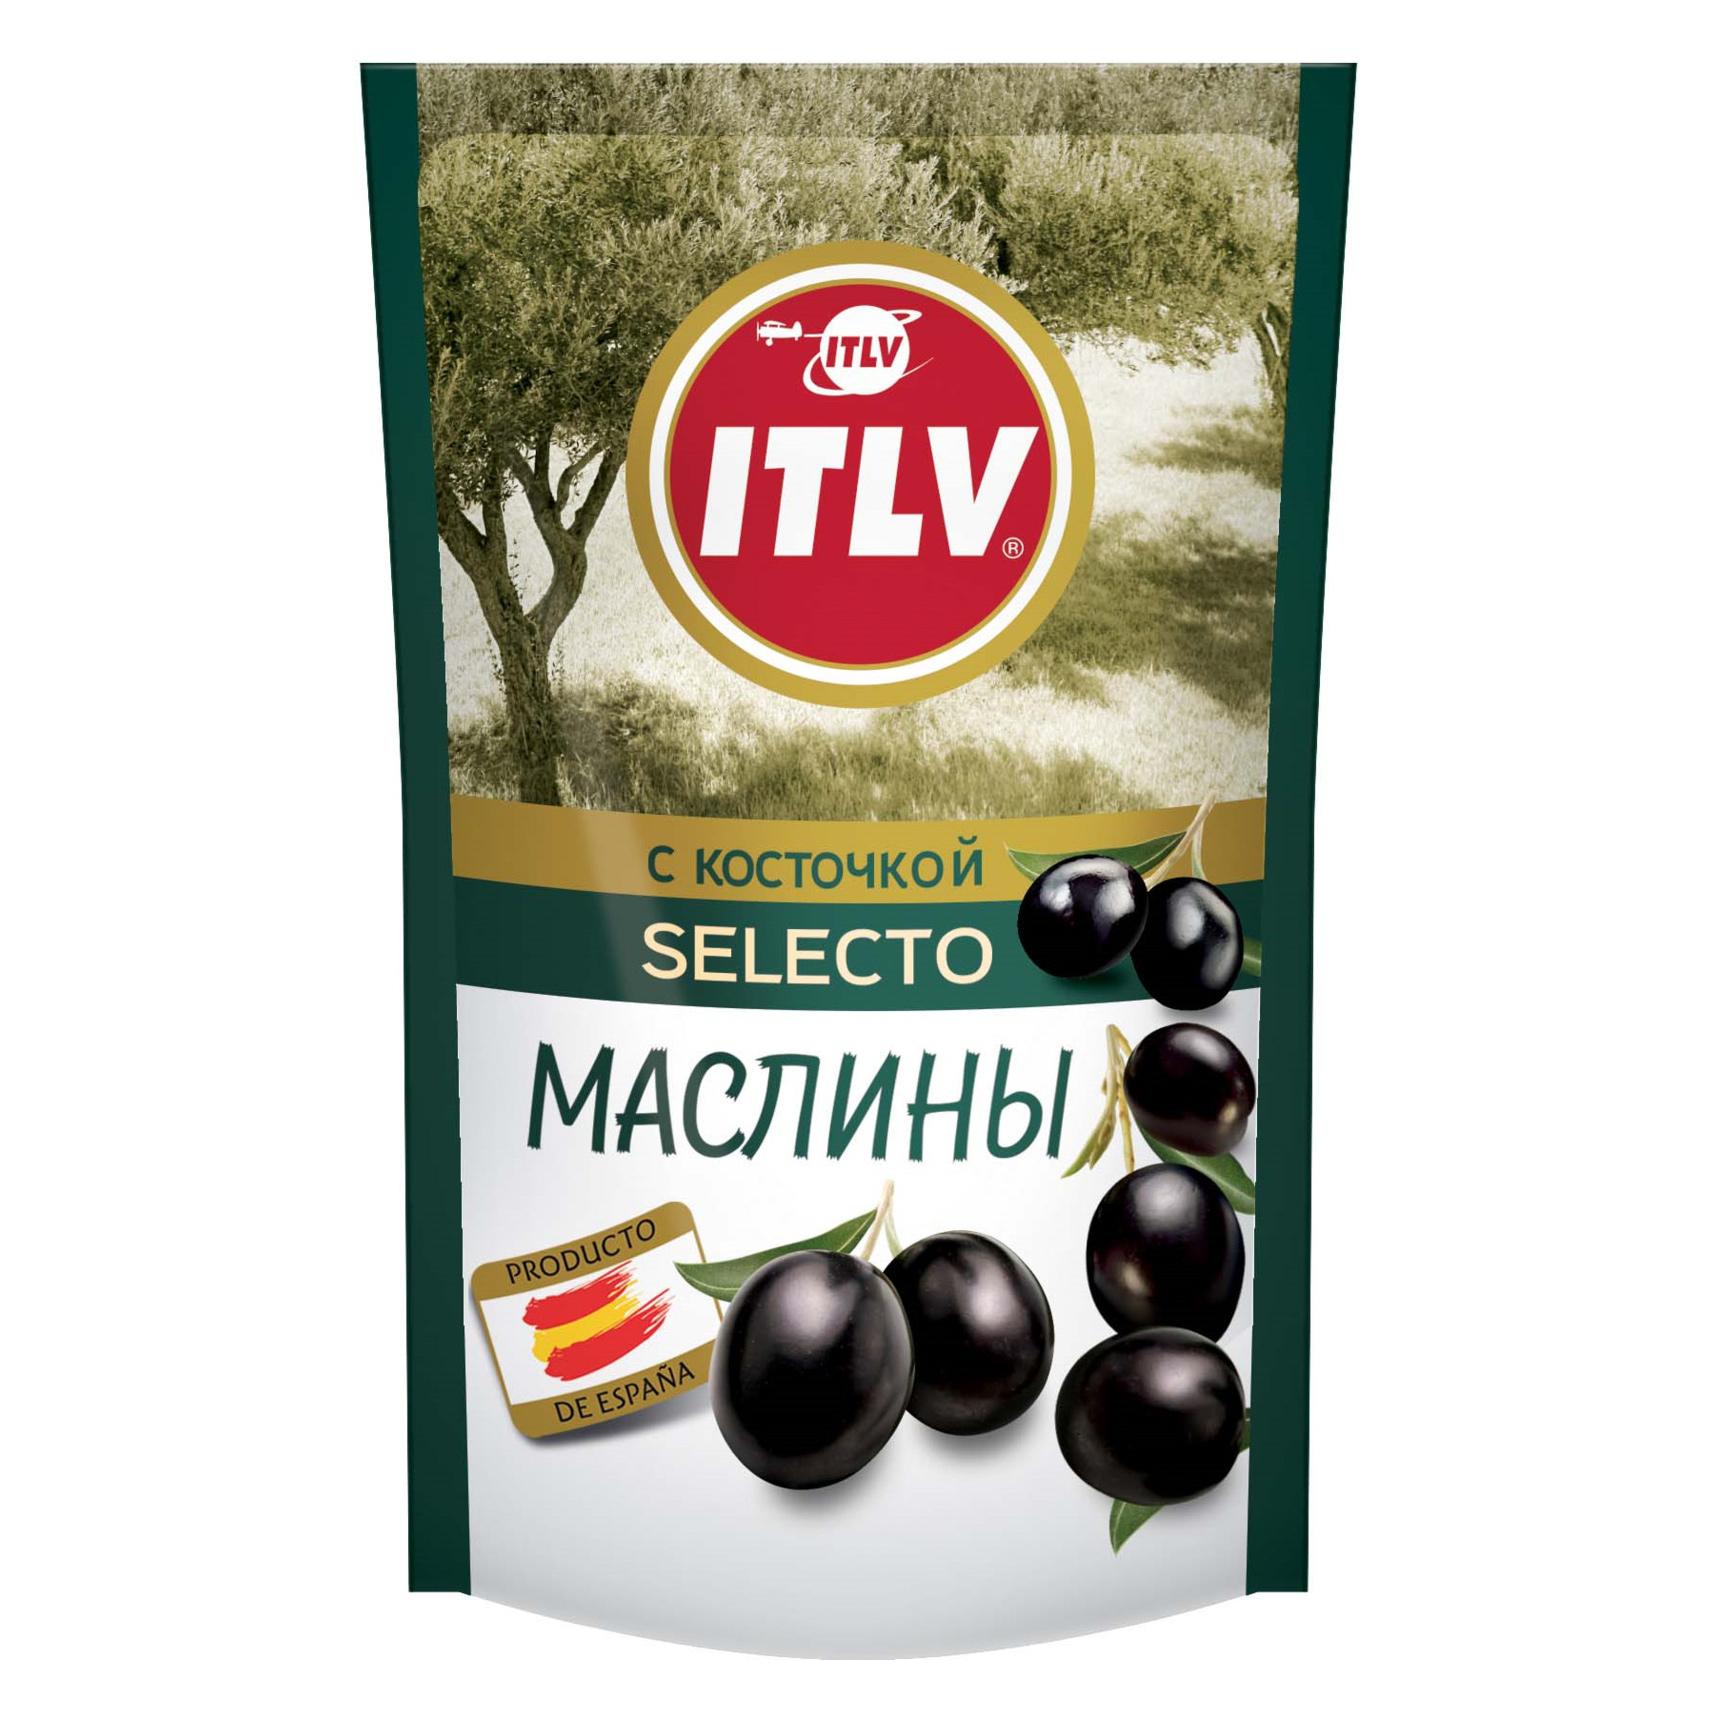 Маслины ITLV с косточкой Selecto 165 г дой-пак itlv маслины super с косточкой